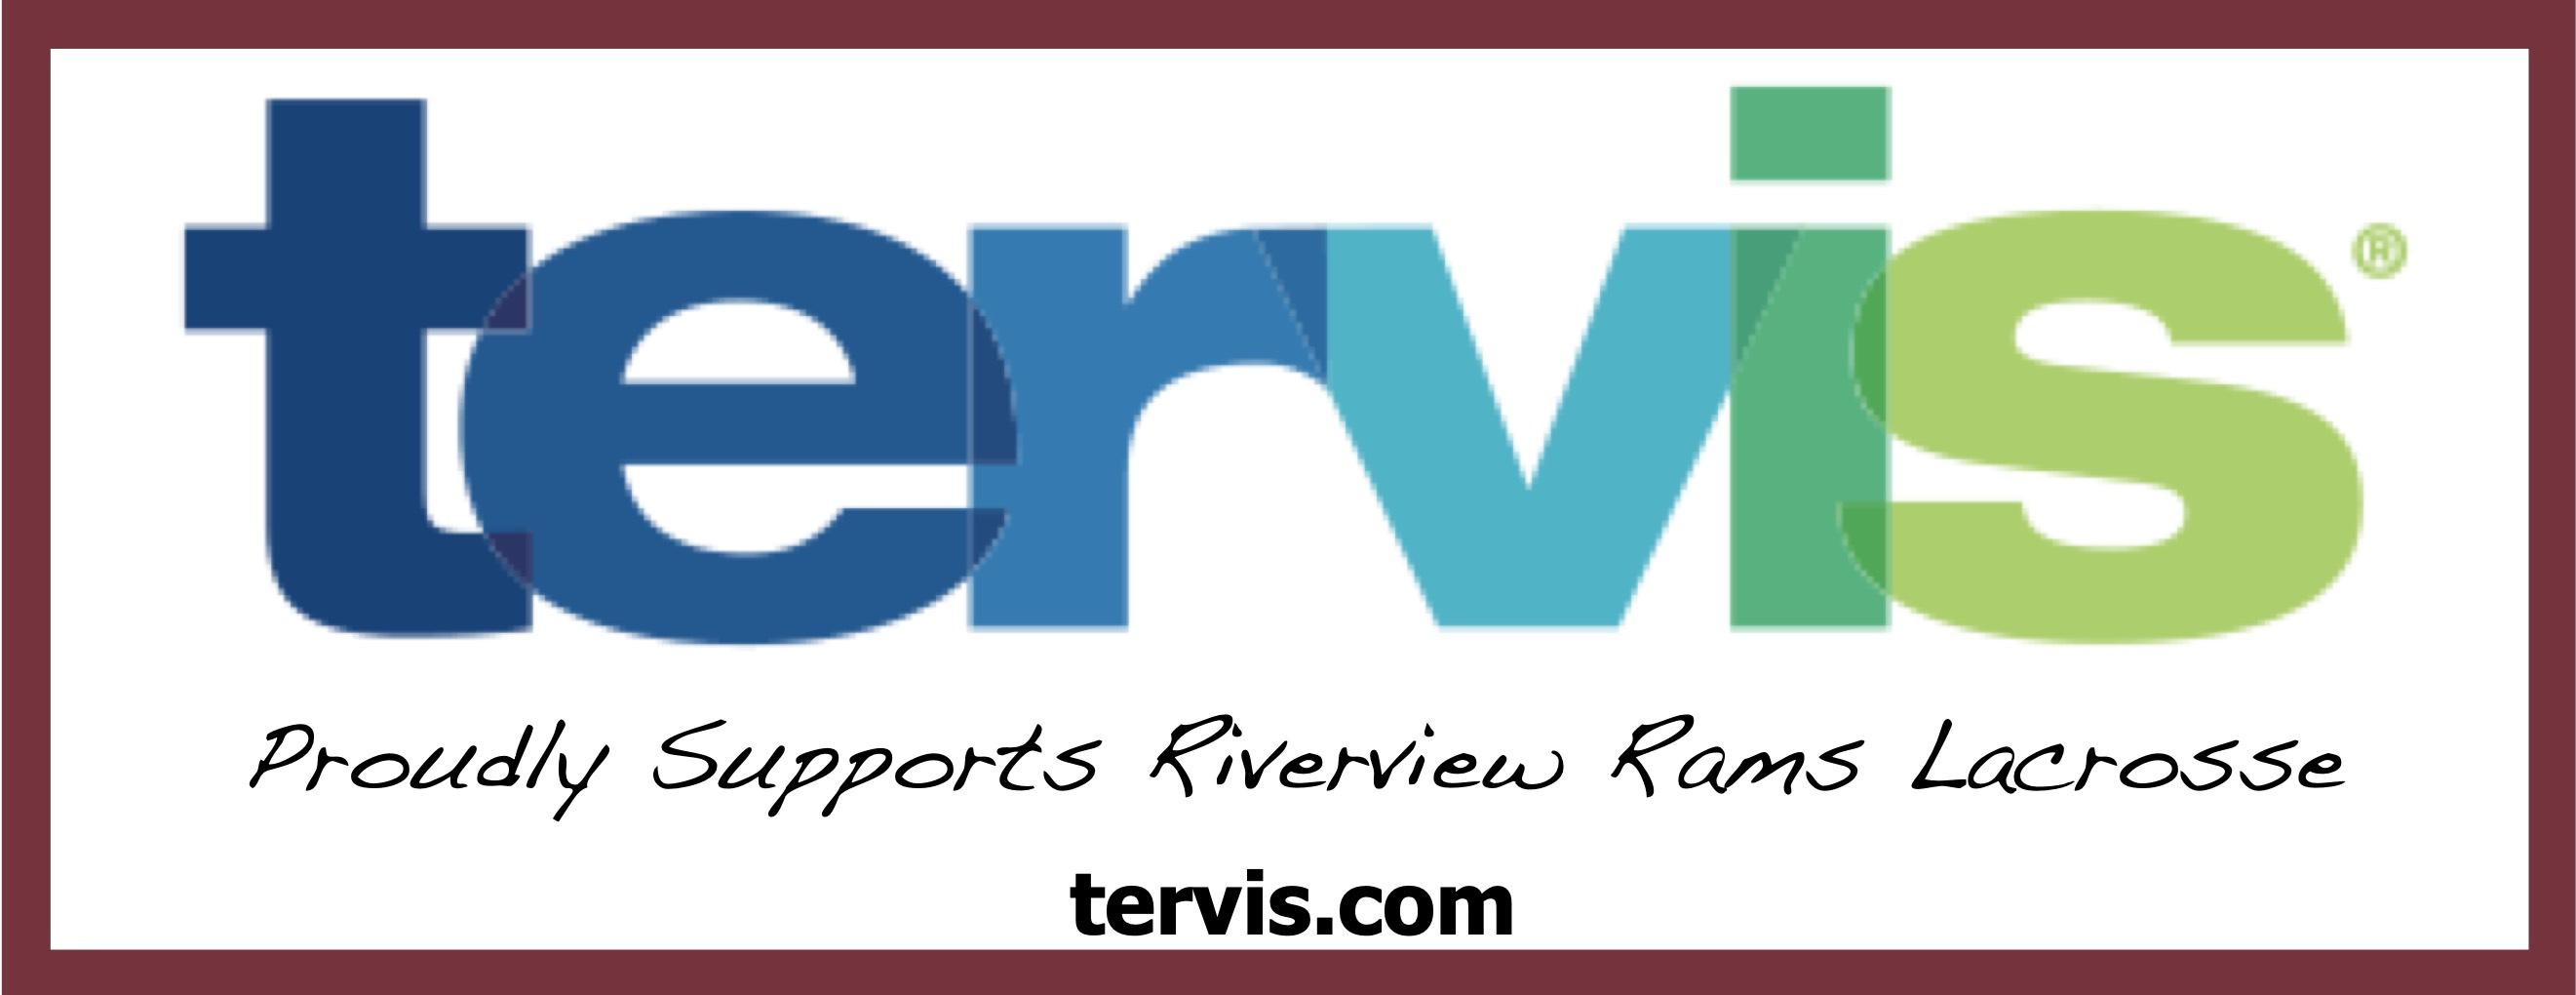 Tervis_2019